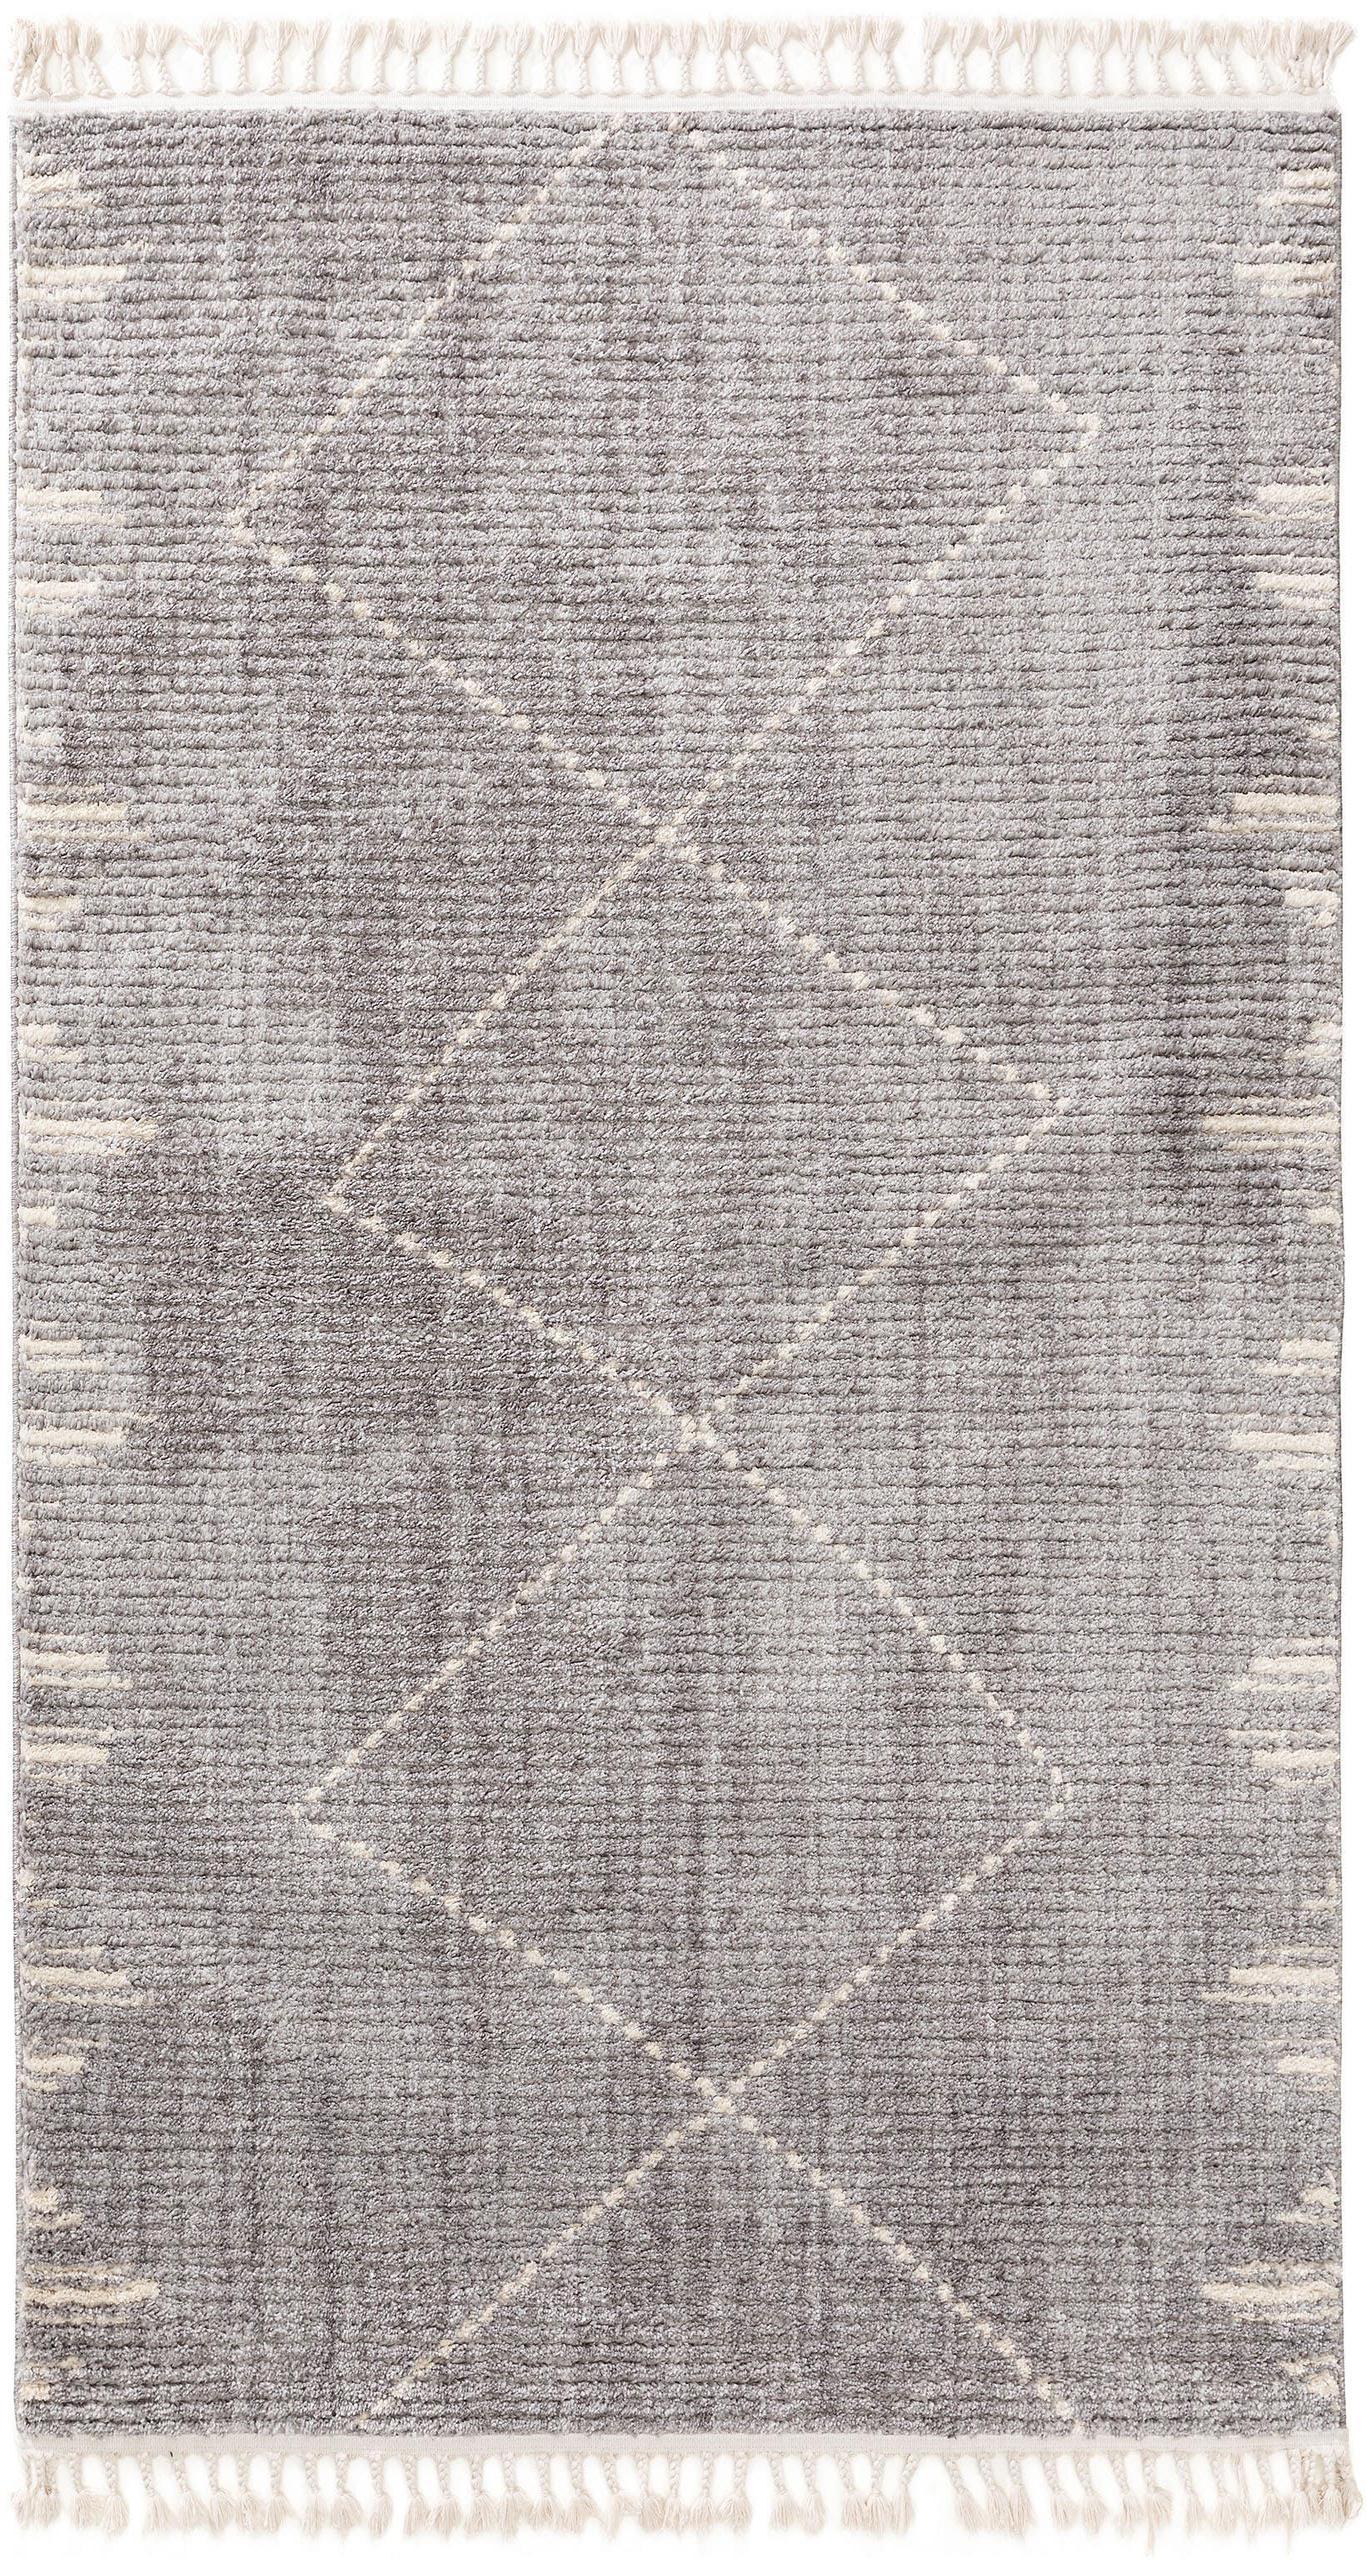 Hoogpolig vloerkleed Bosse met ruitjesmotief en franjes, 100% polyester, Grijs, crèmewit, B 80 x L 150 cm (maat XS)